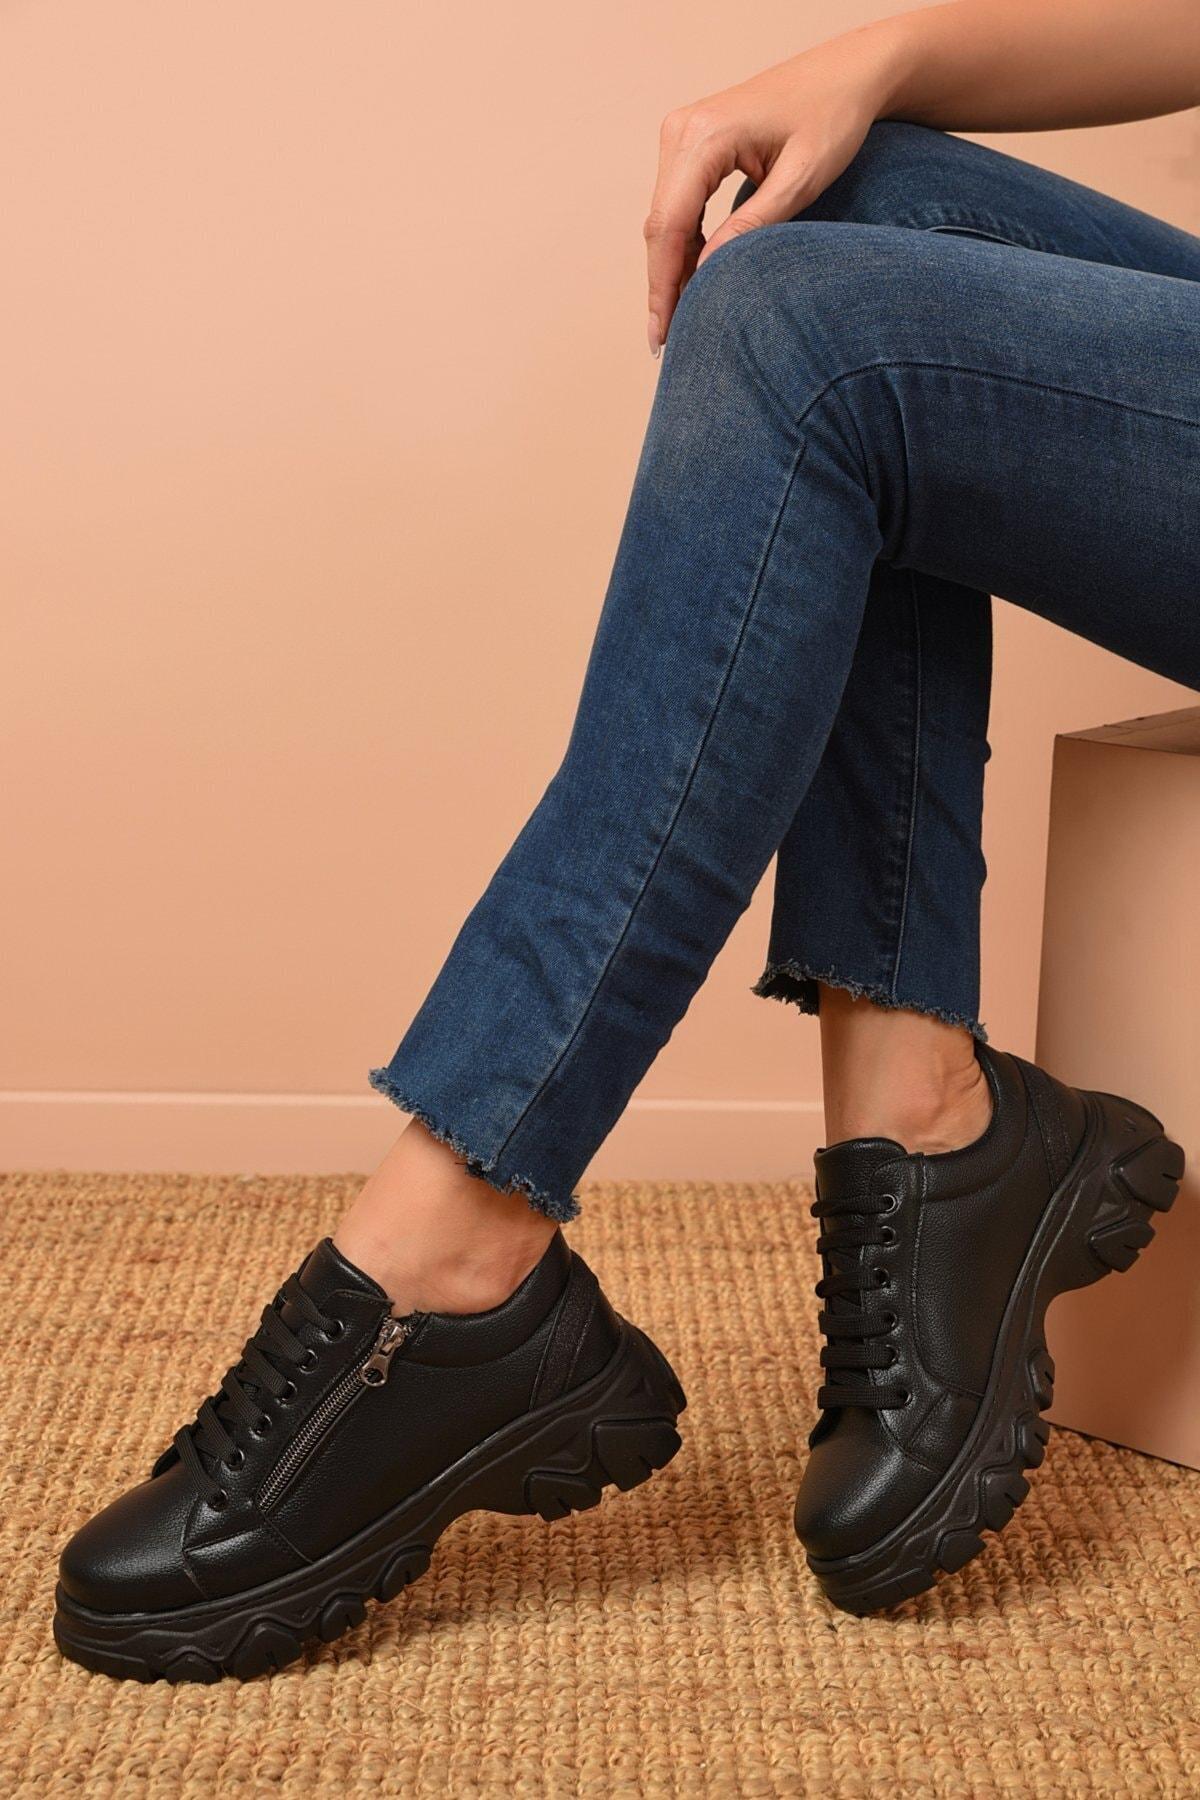 Shoes Time Kadın Siyah Günlük Ayakkabı 20k 177 1